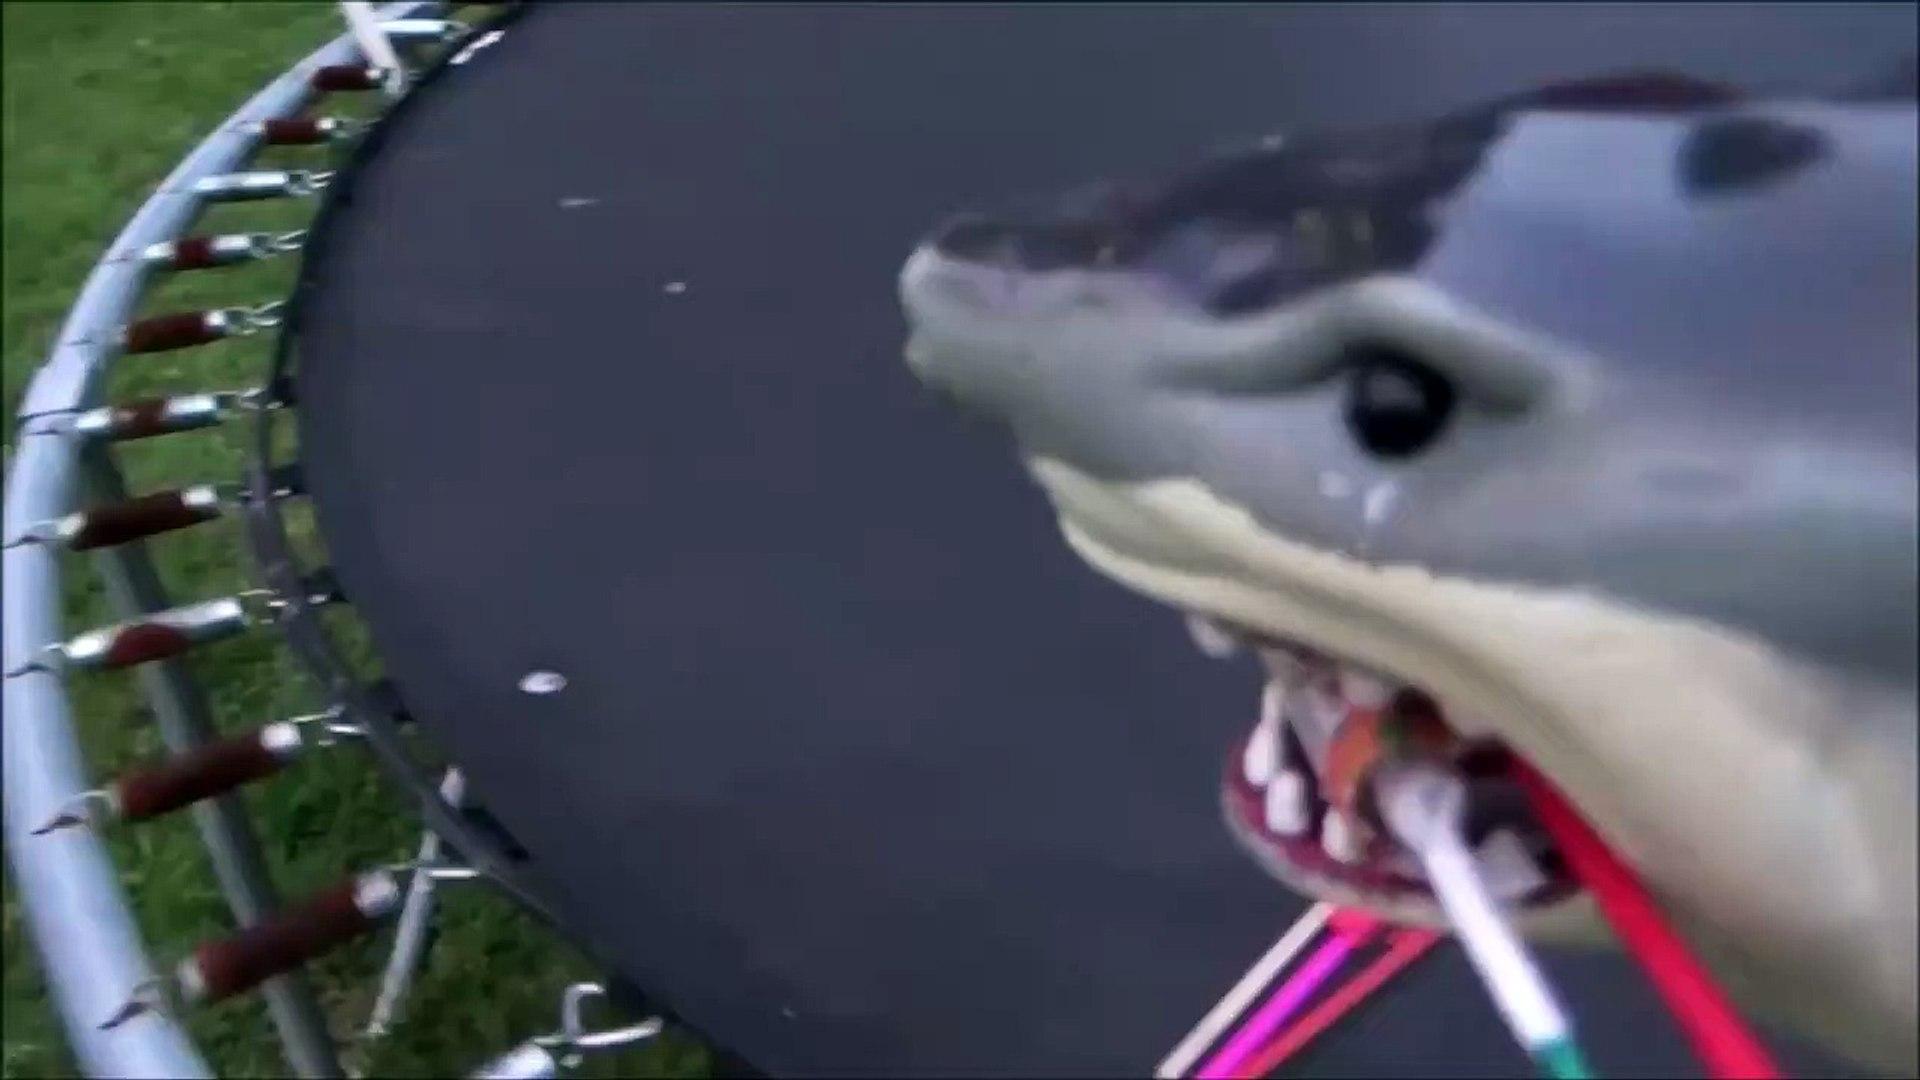 Sharks vs Bottle Rockets 'Toy Shark Lighting Fireworks'-3N1wz